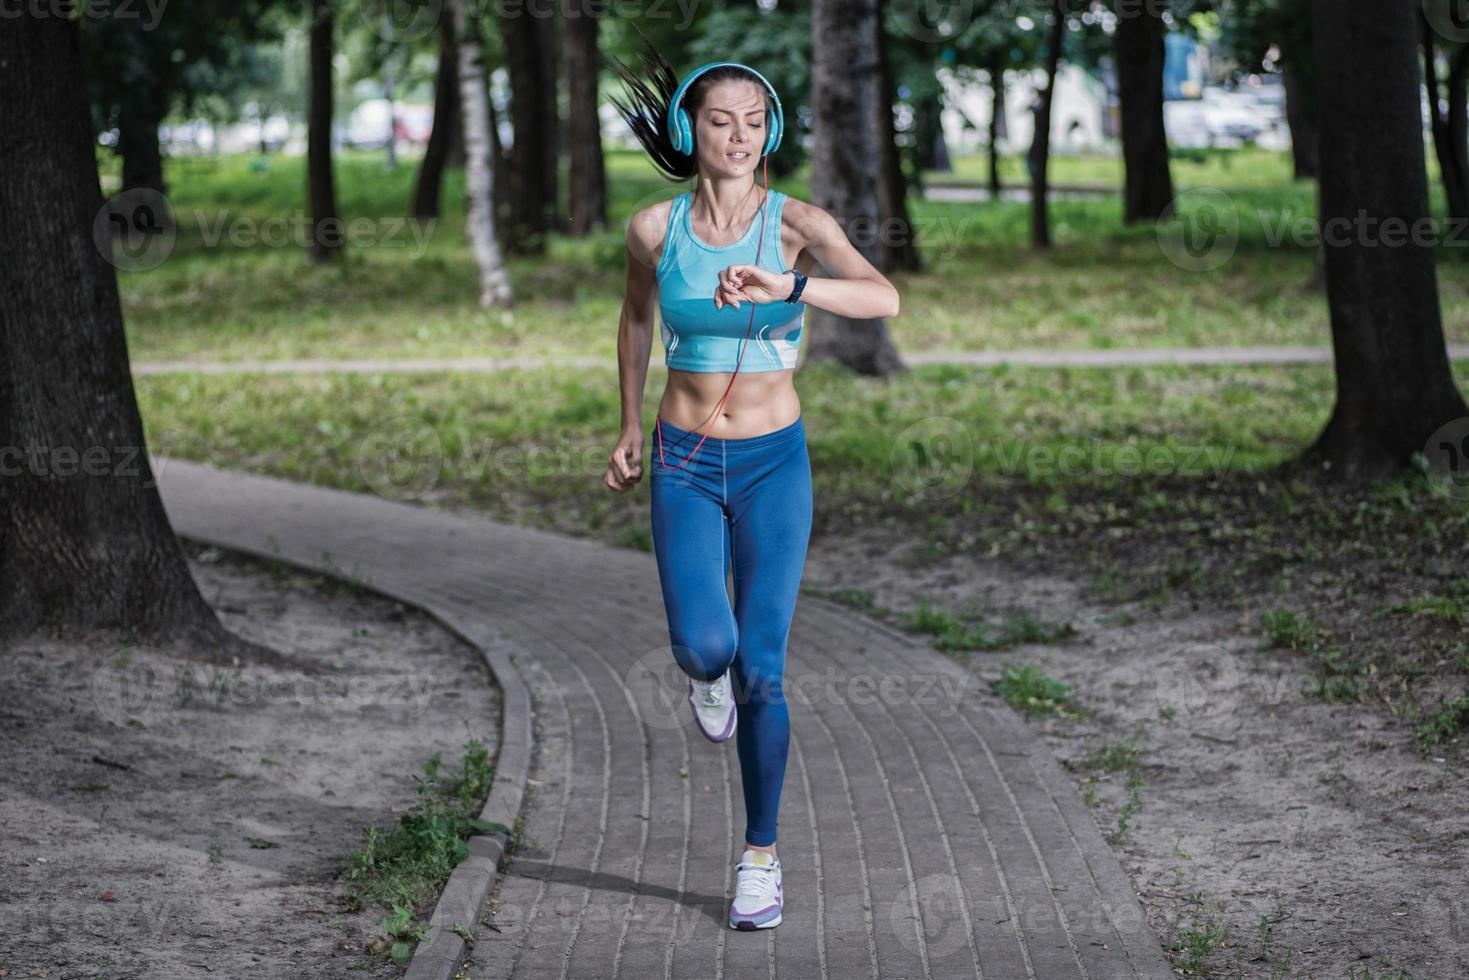 chronométré la séance d'entraînement. belle femme de remise en forme runner run photo